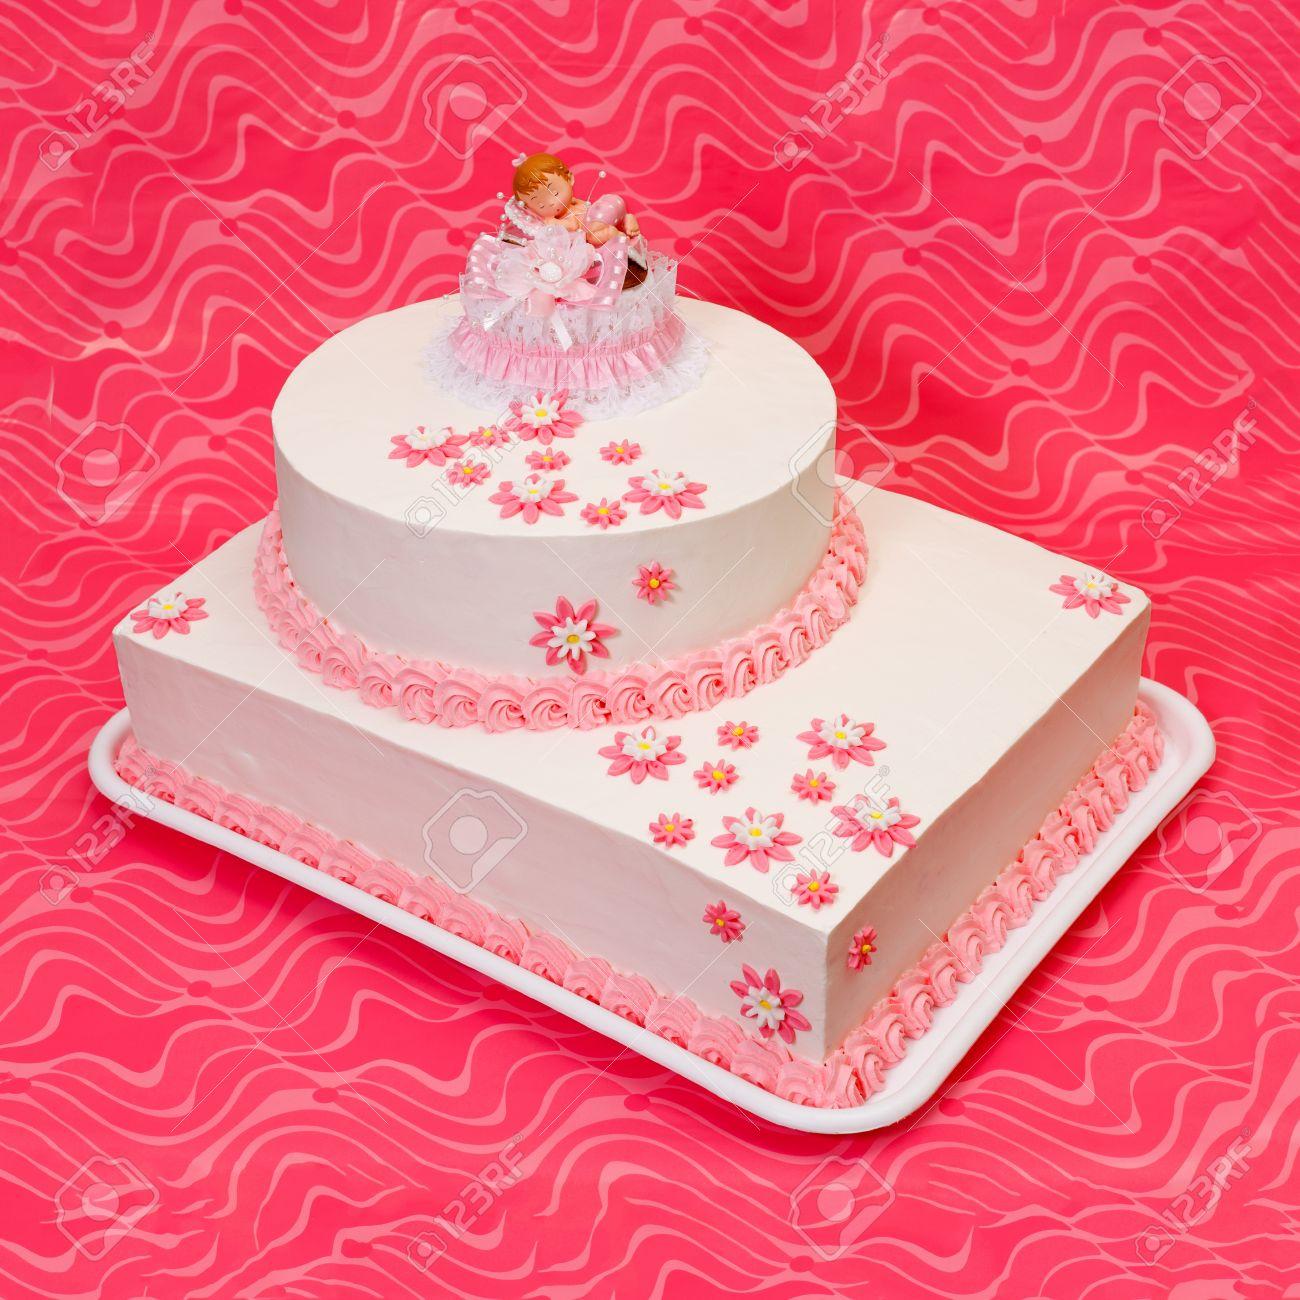 Weiss Taufe Kuchen Fur Madchen Mit Topper Und Pink Decoration